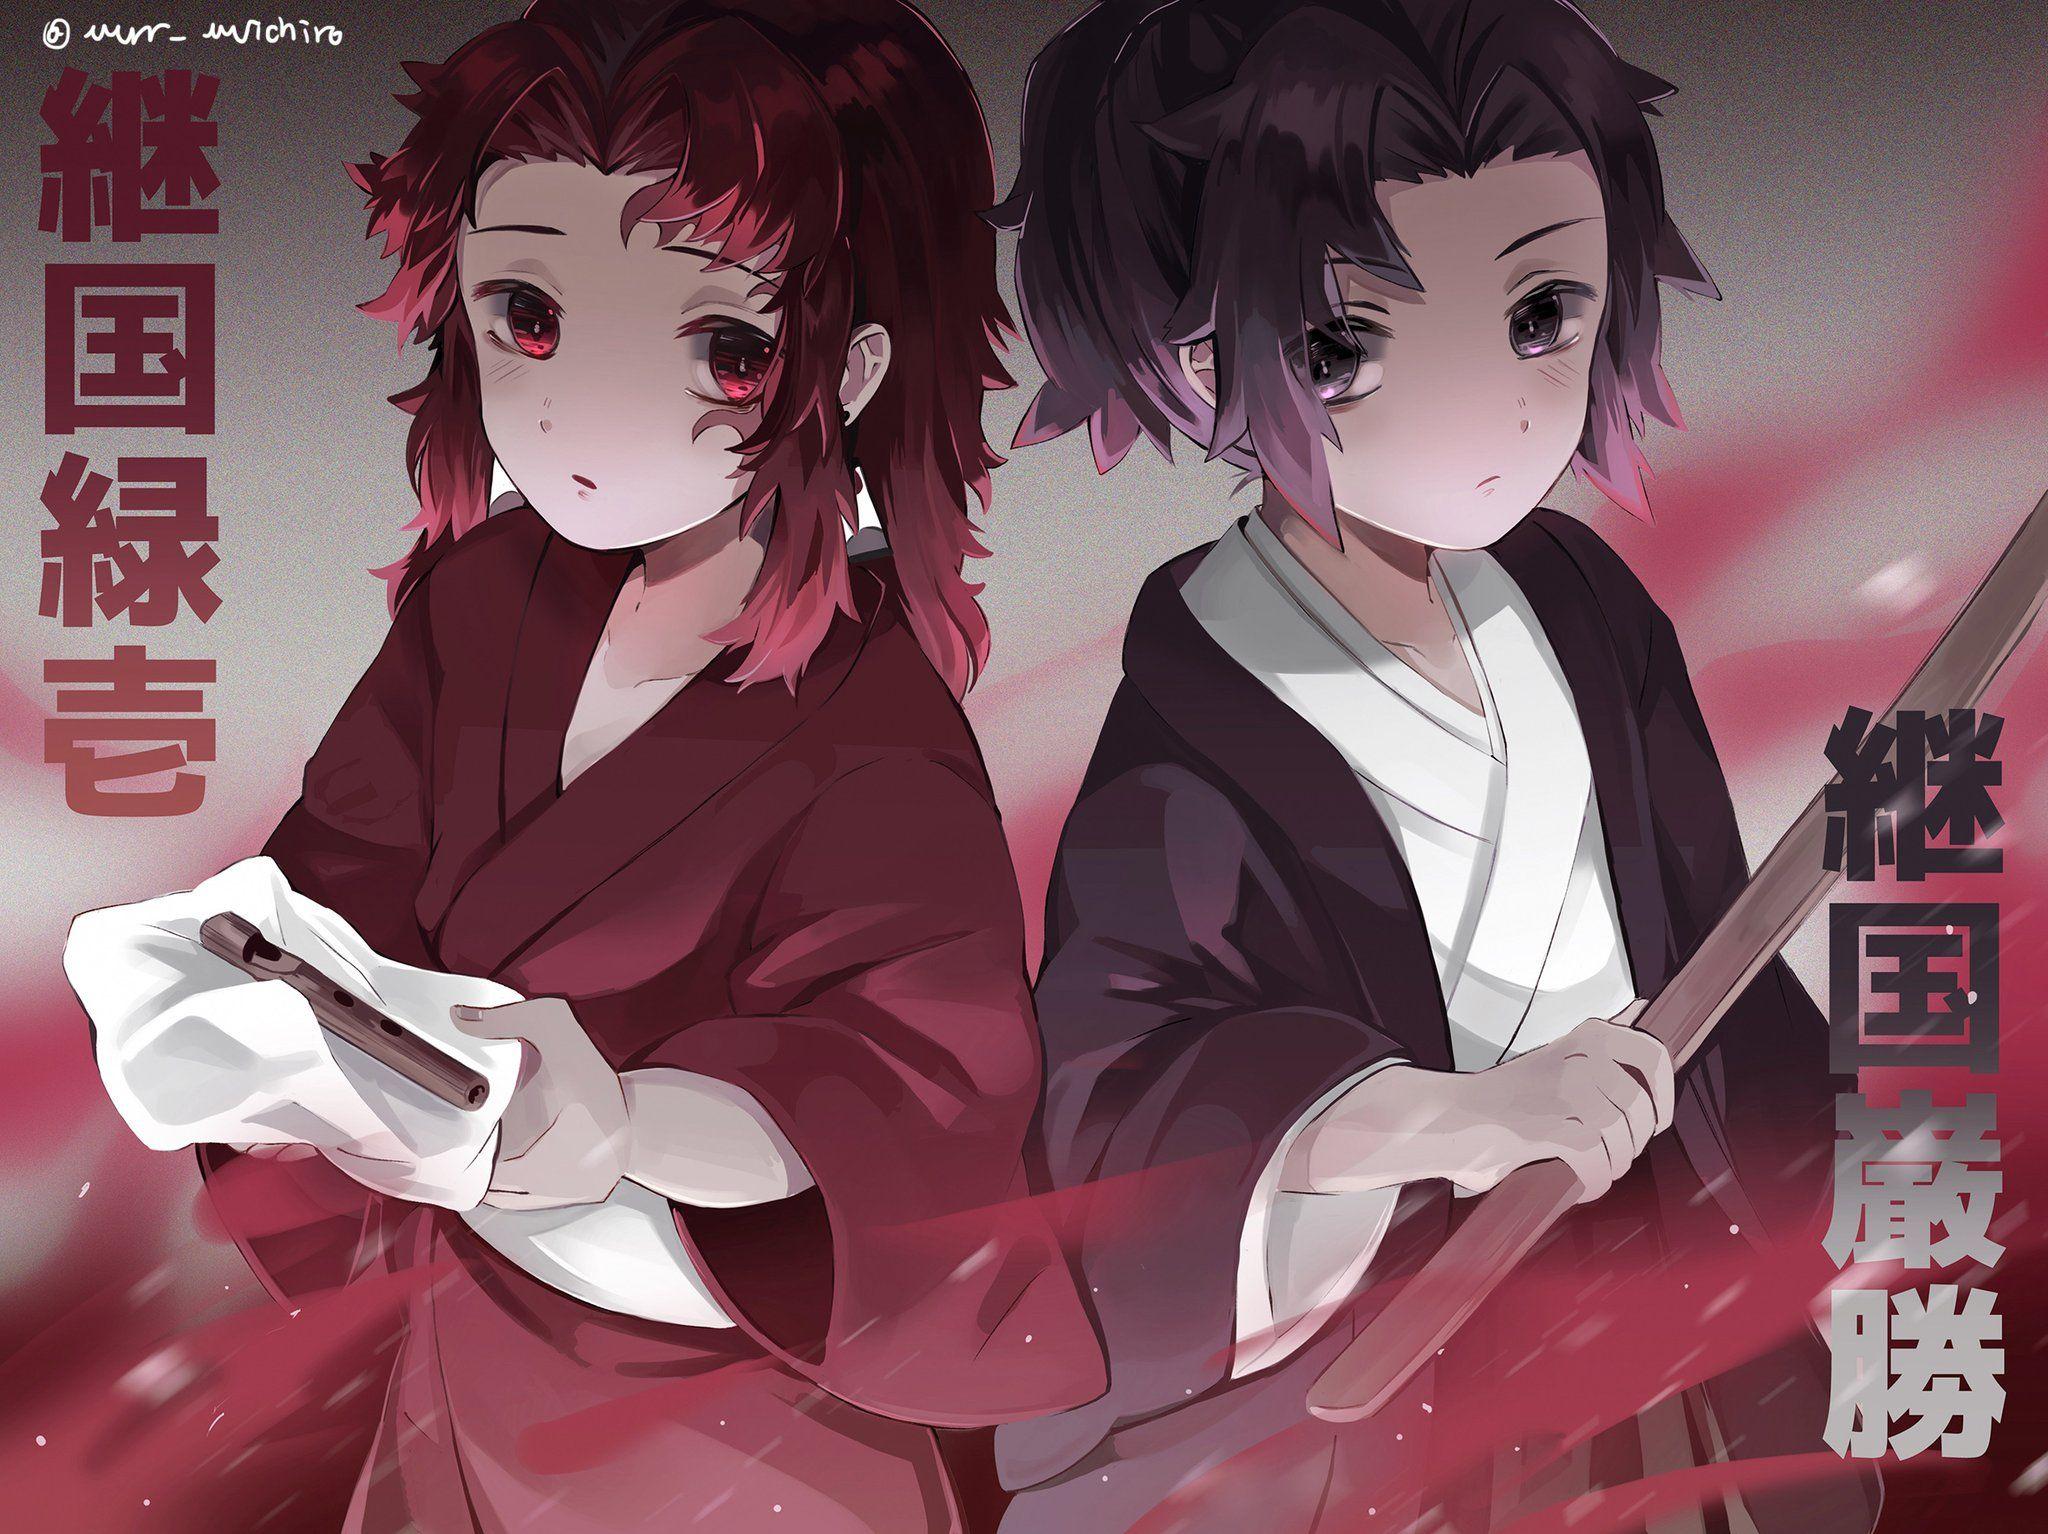 Pin by shan 图 on 鬼灭之刃同人 Anime demon, Slayer anime, Demon